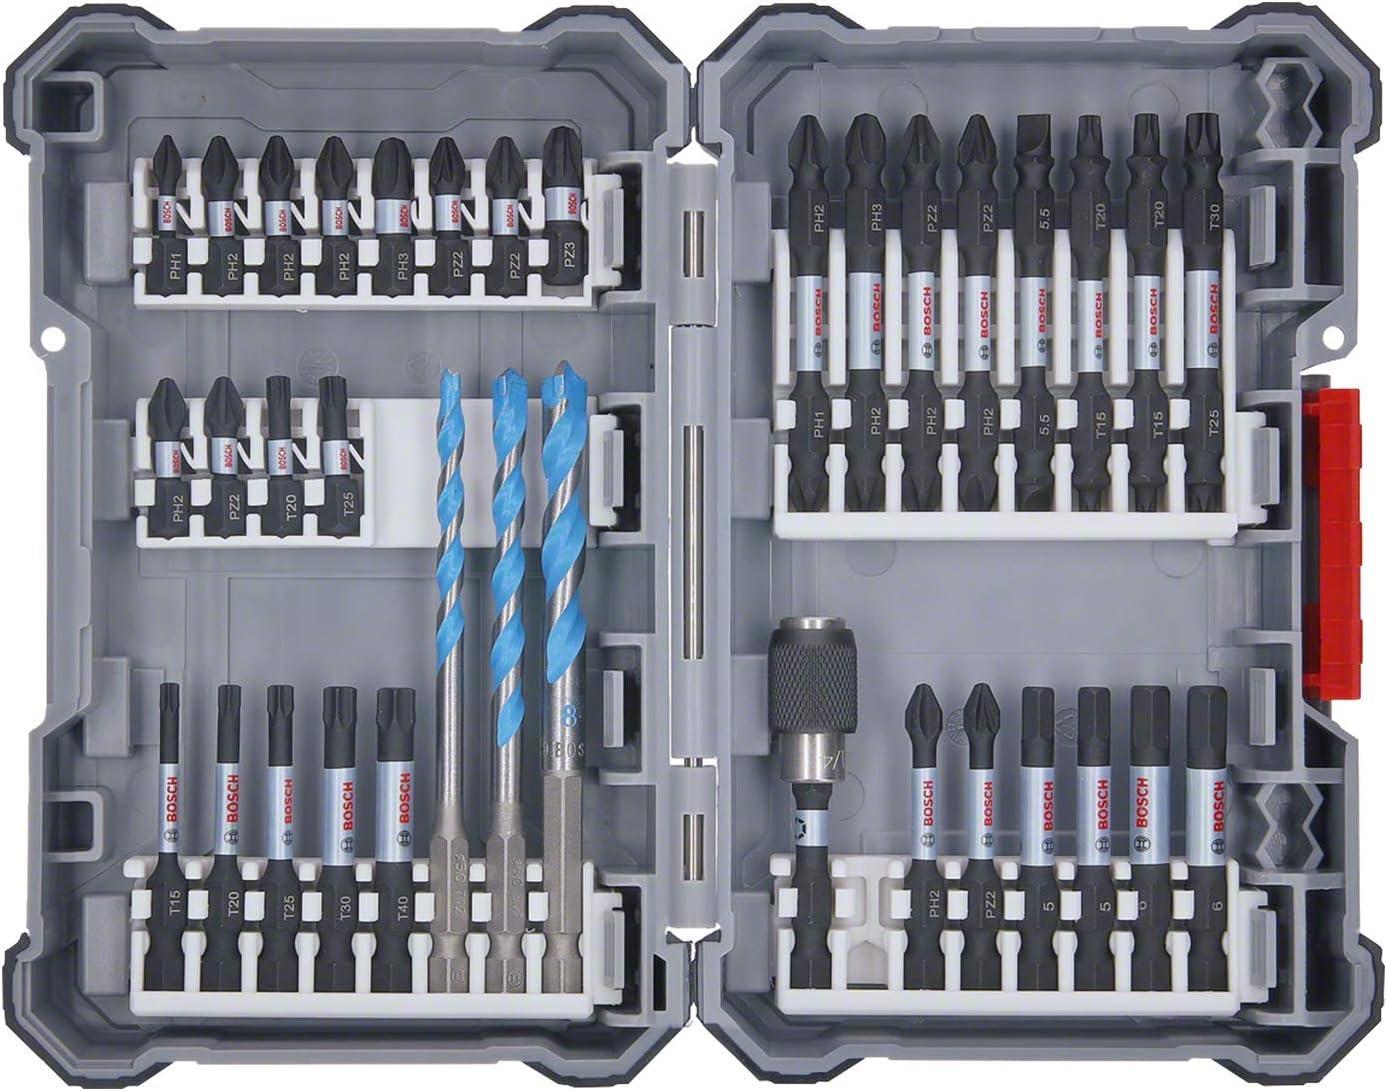 Bosch Professional 35 unidades para taladrar y atornillar (Pick and Click, accesorios para atornilladores de impacto, con puntas, brocas universales y portapuntas universal)